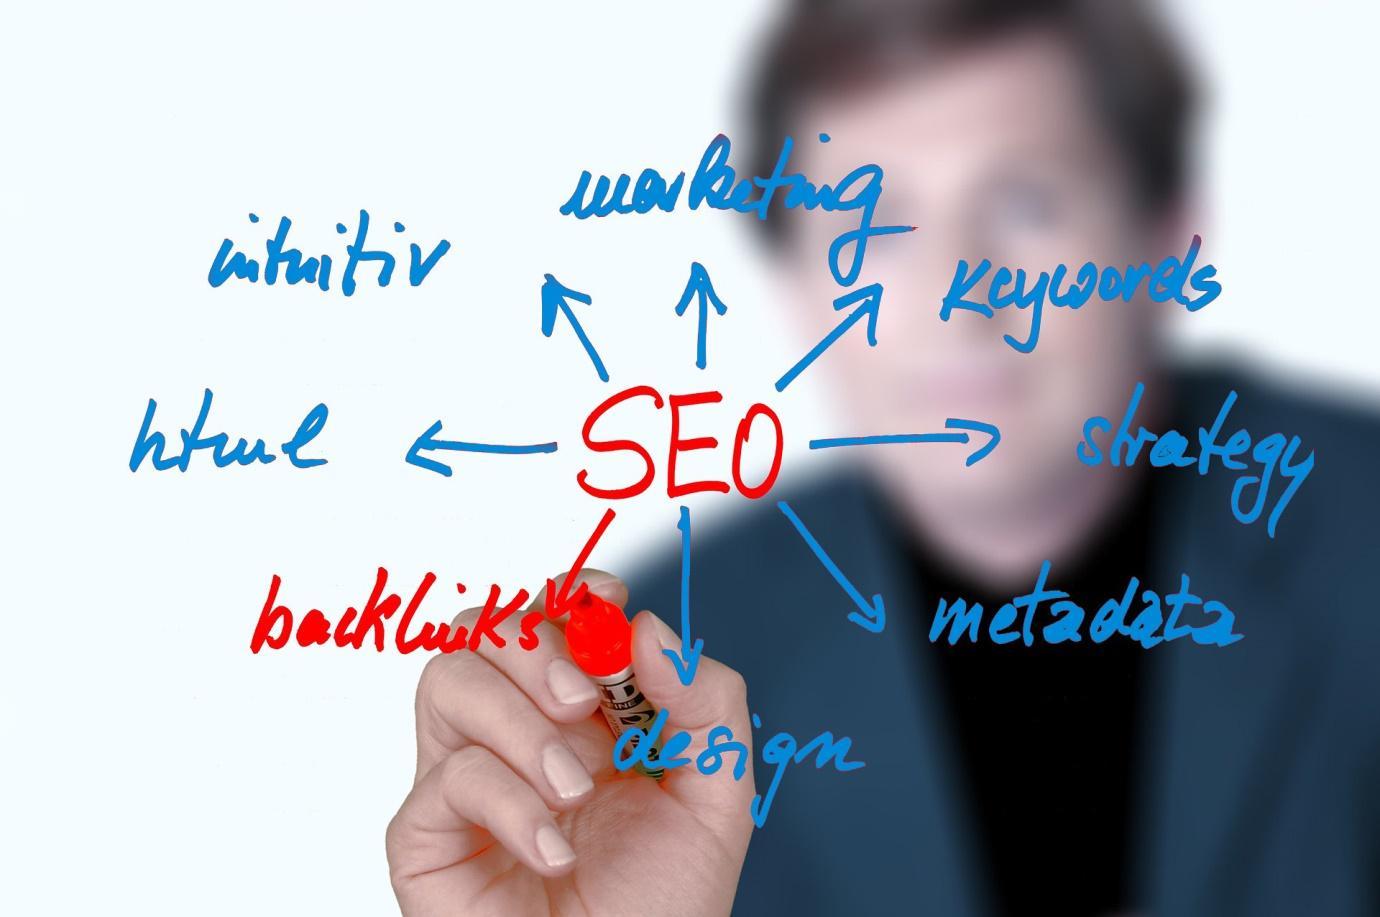 liên kết đóng một vai trò cần thiết trong tiến trình đi link liên kết cho web